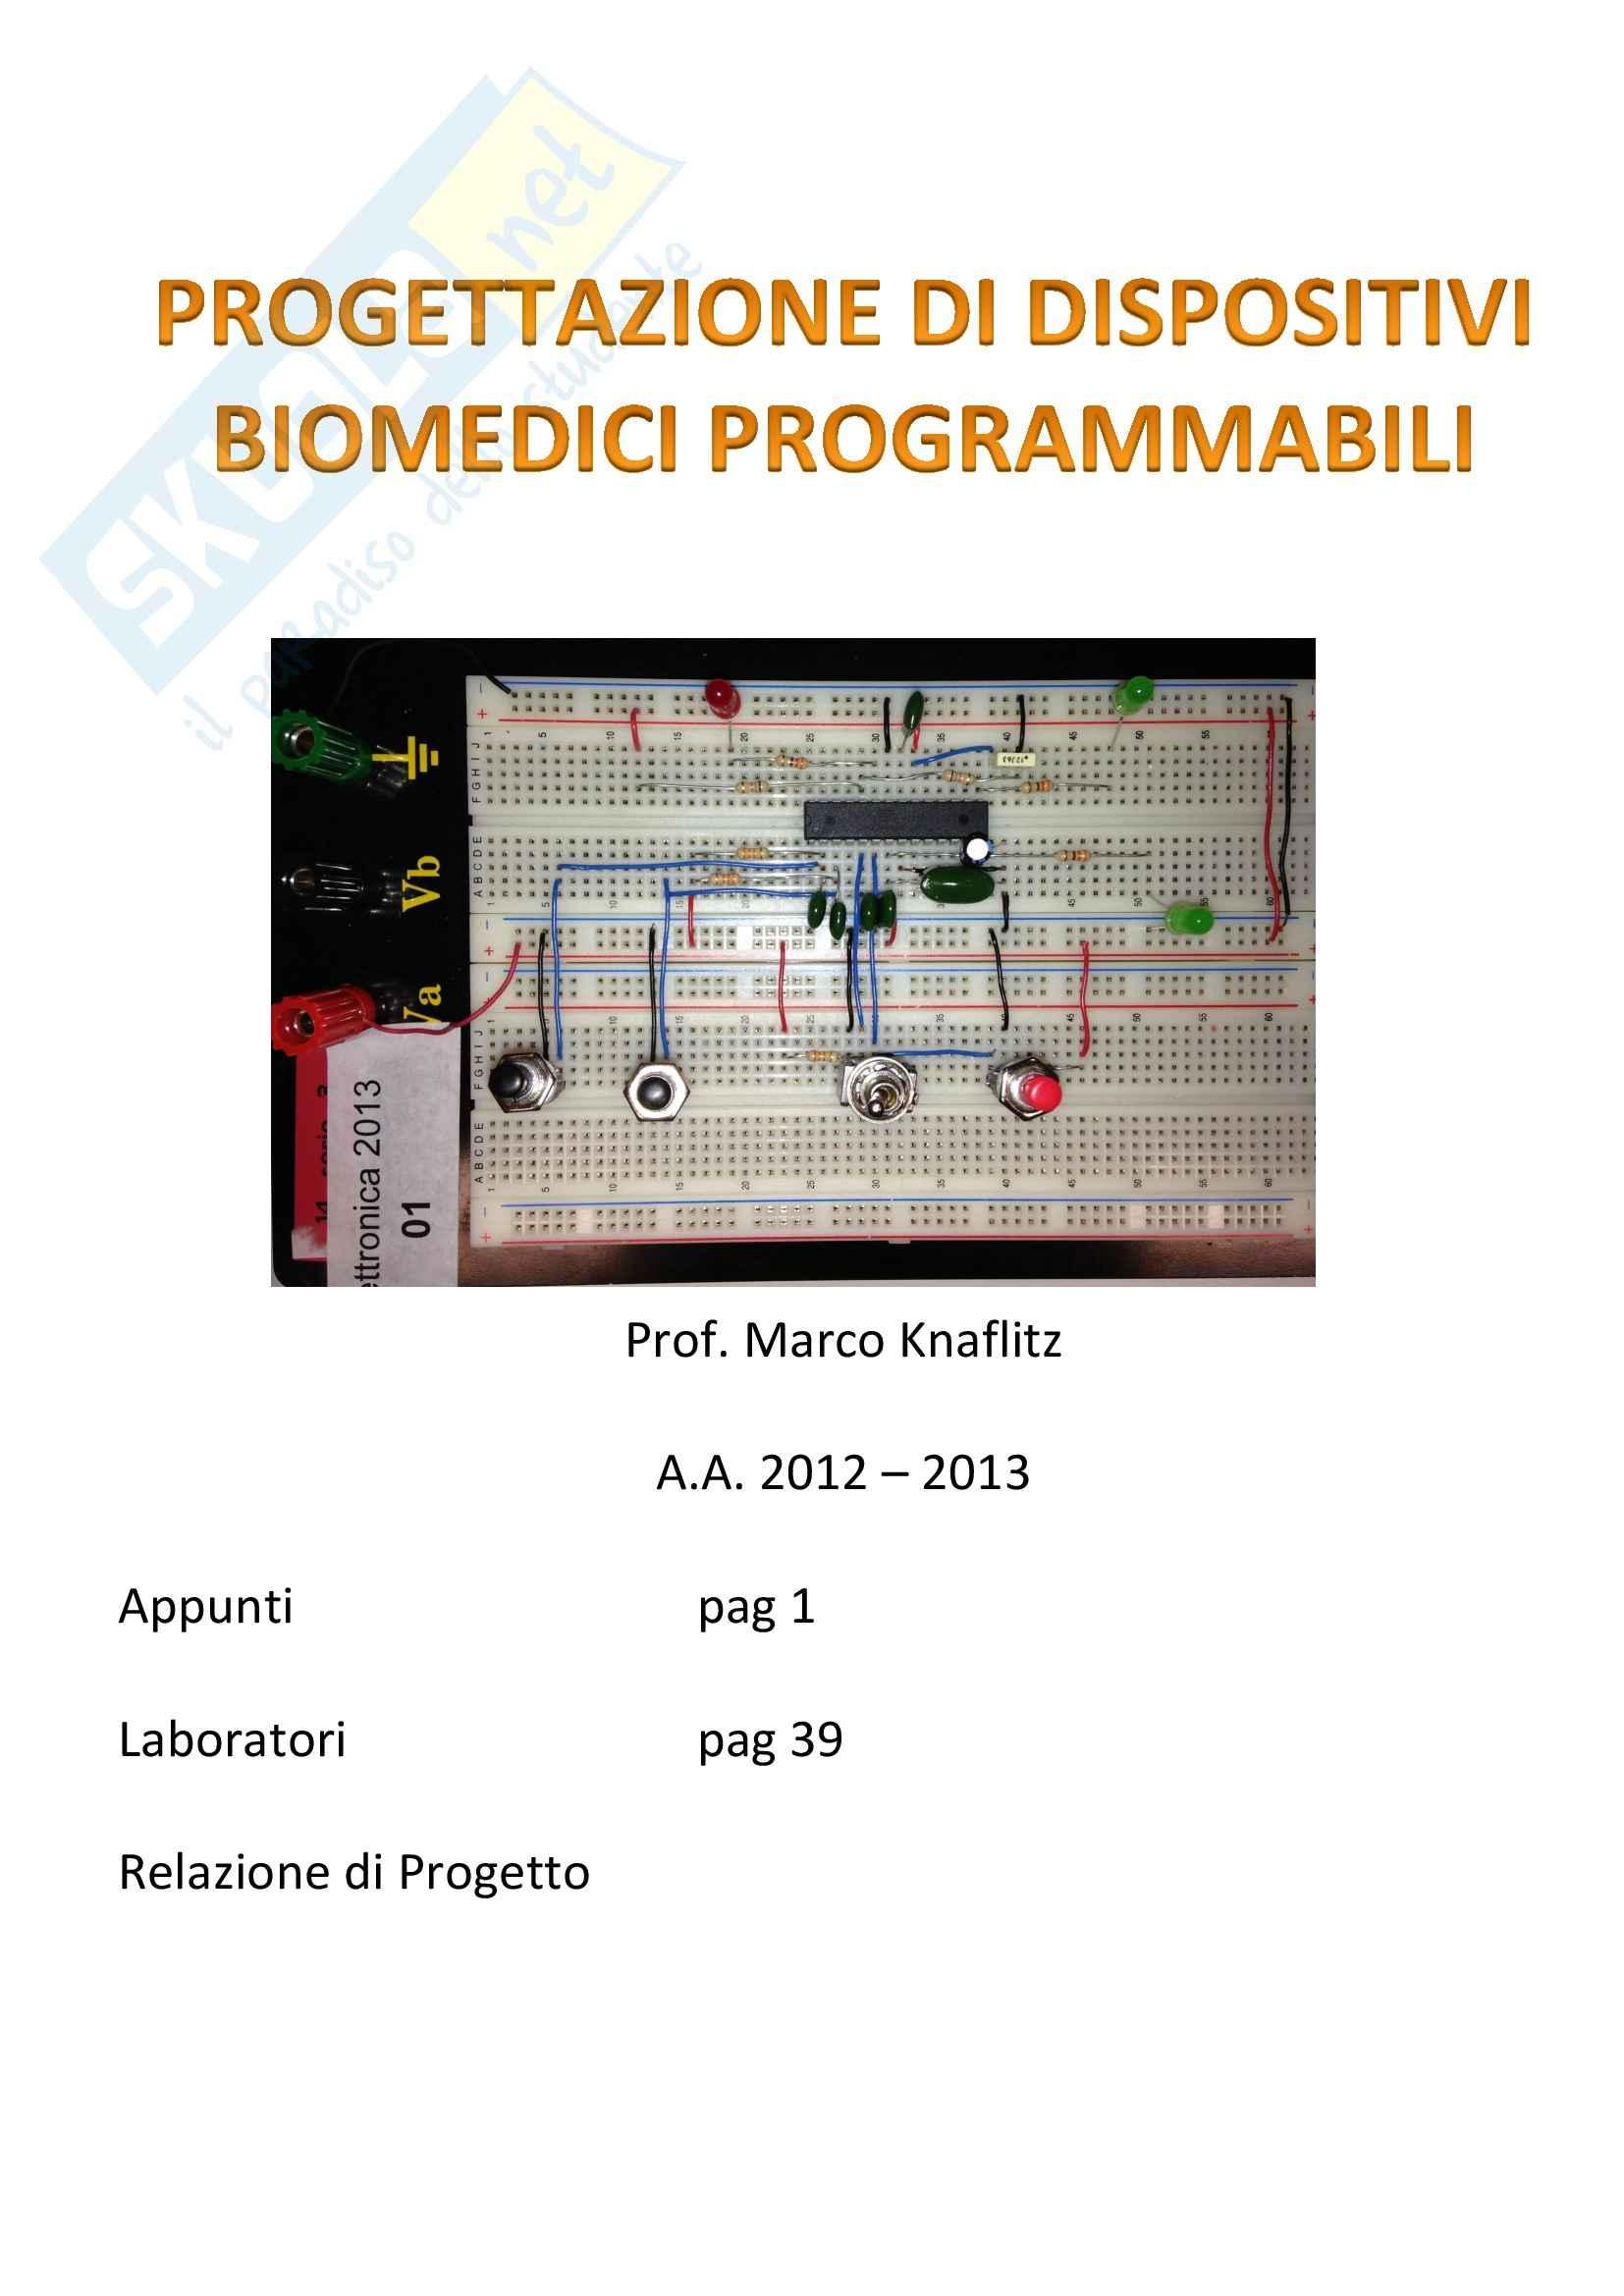 Progettazione di Dispositivi Biomedici Programmabili - Appunti